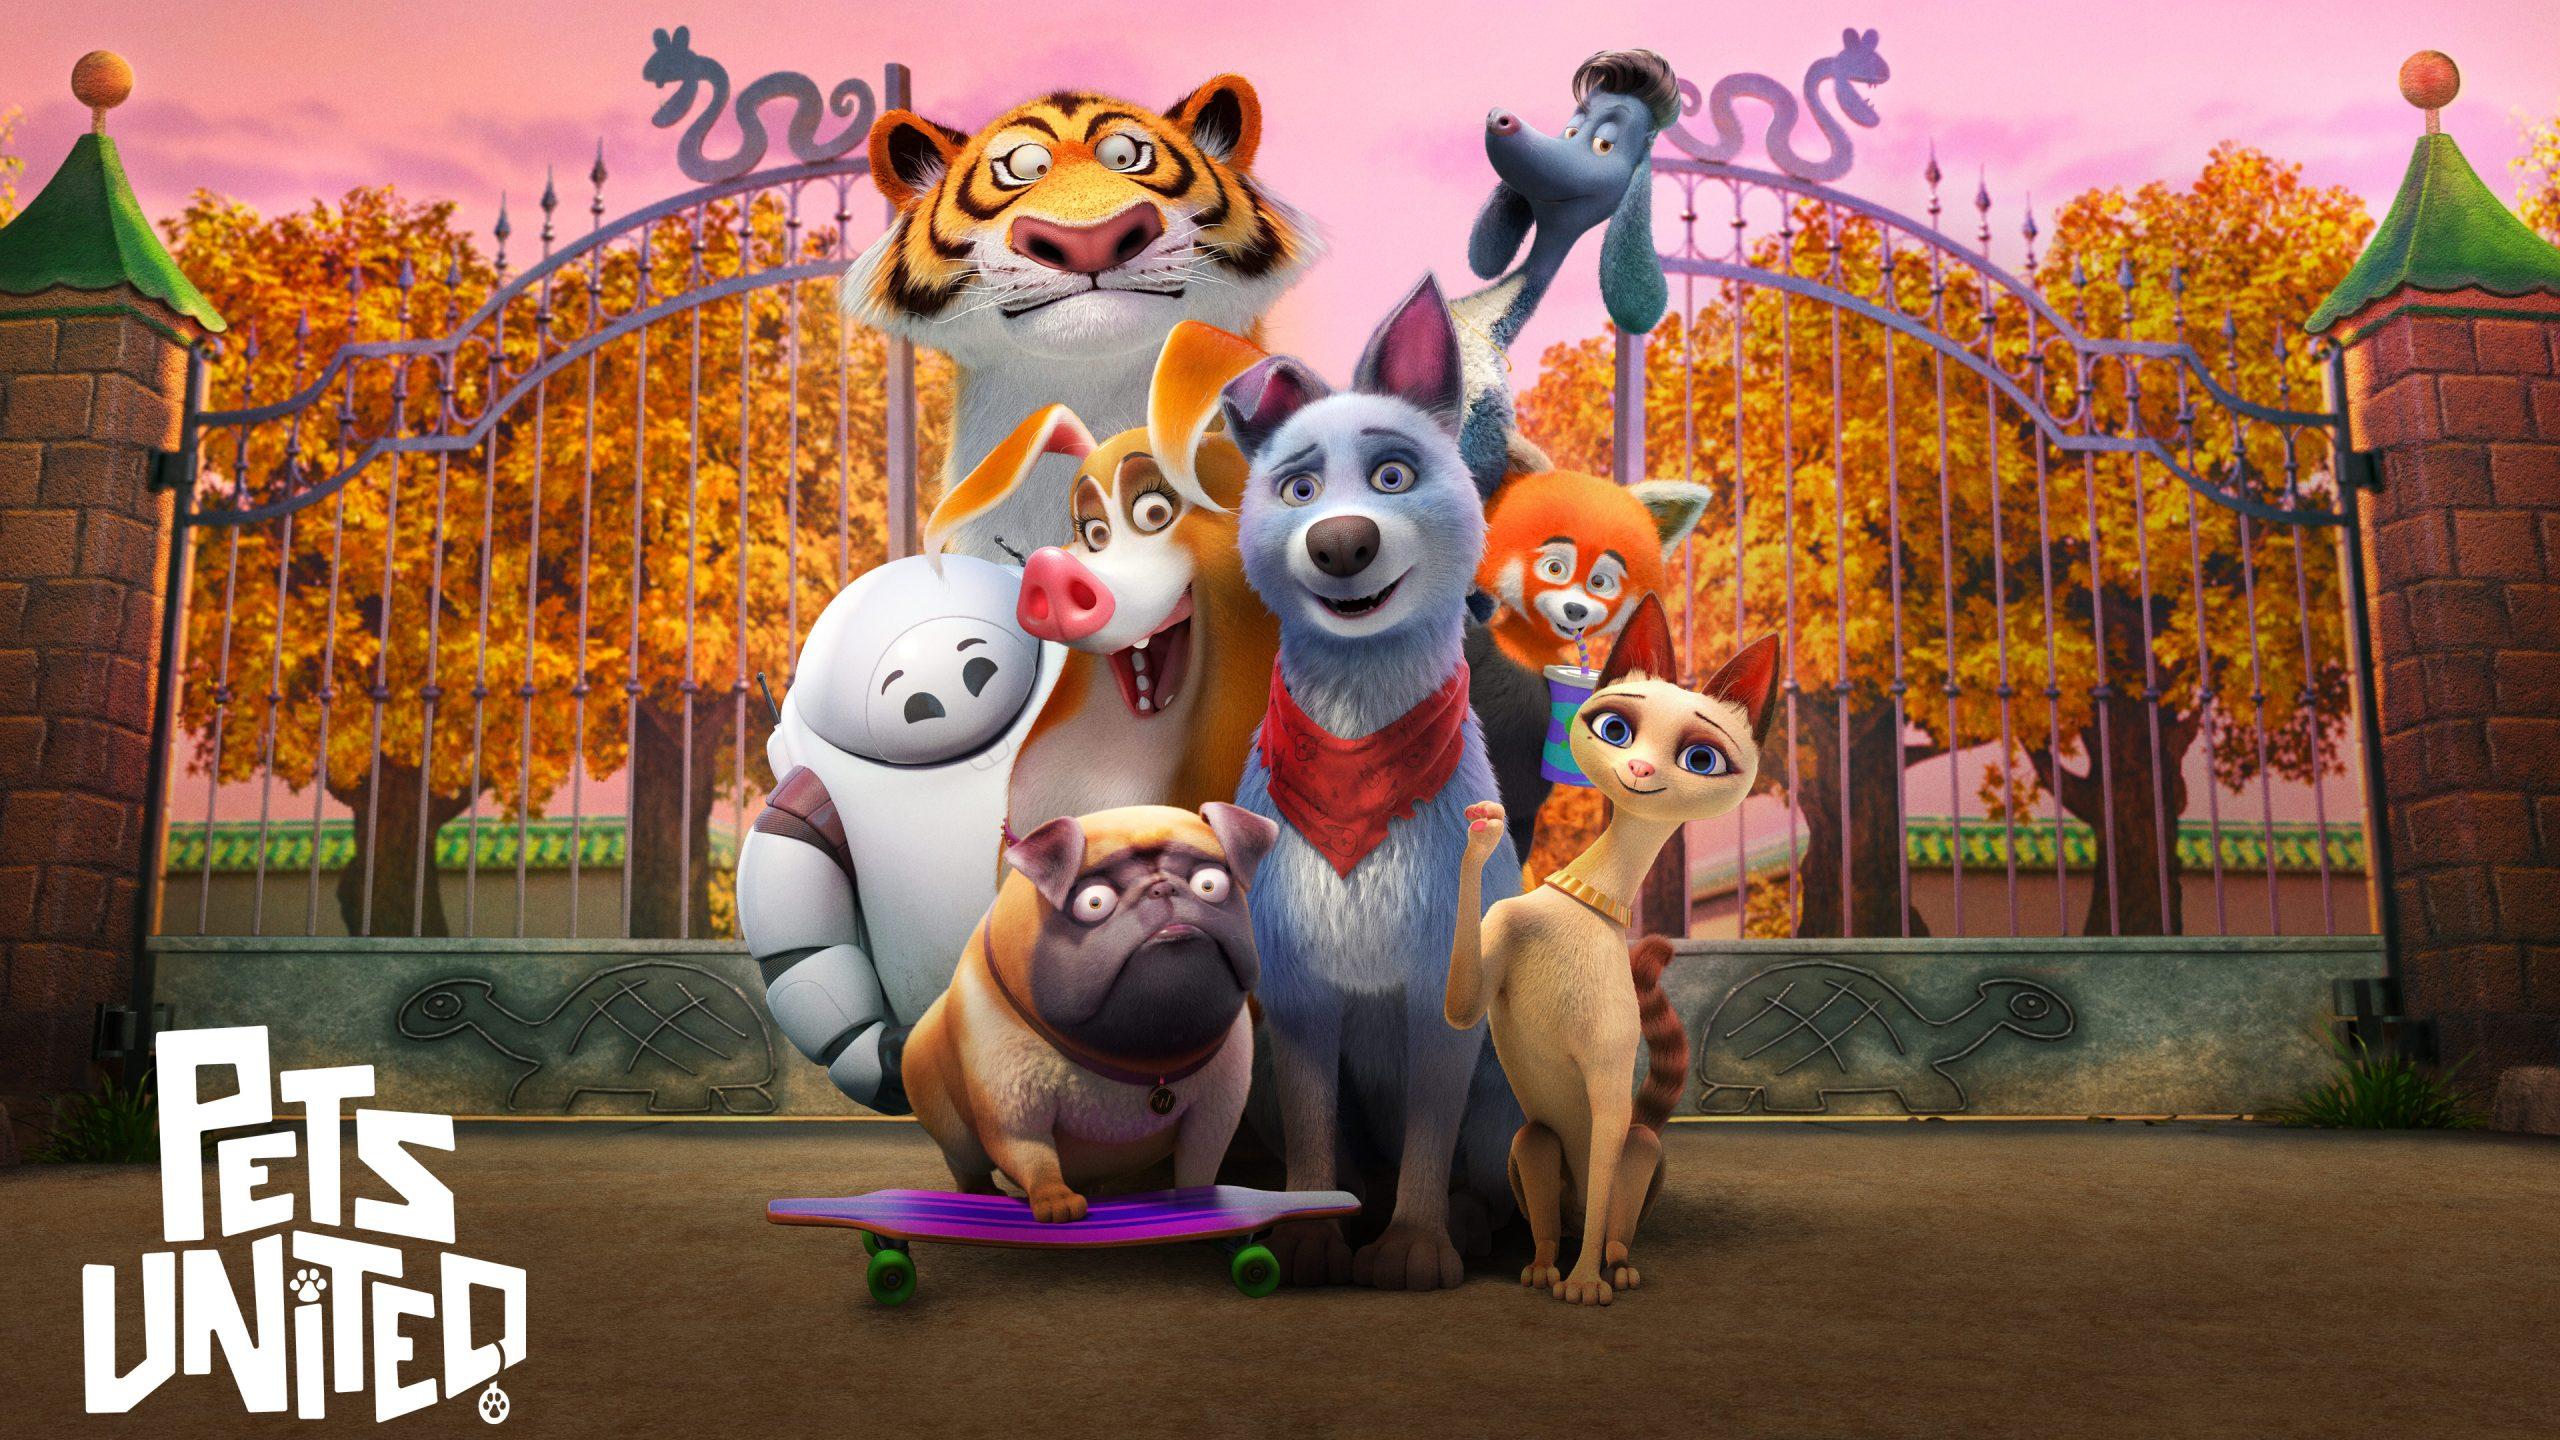 Pets United | Netflix Story Art Concept, Finishing & Illustration